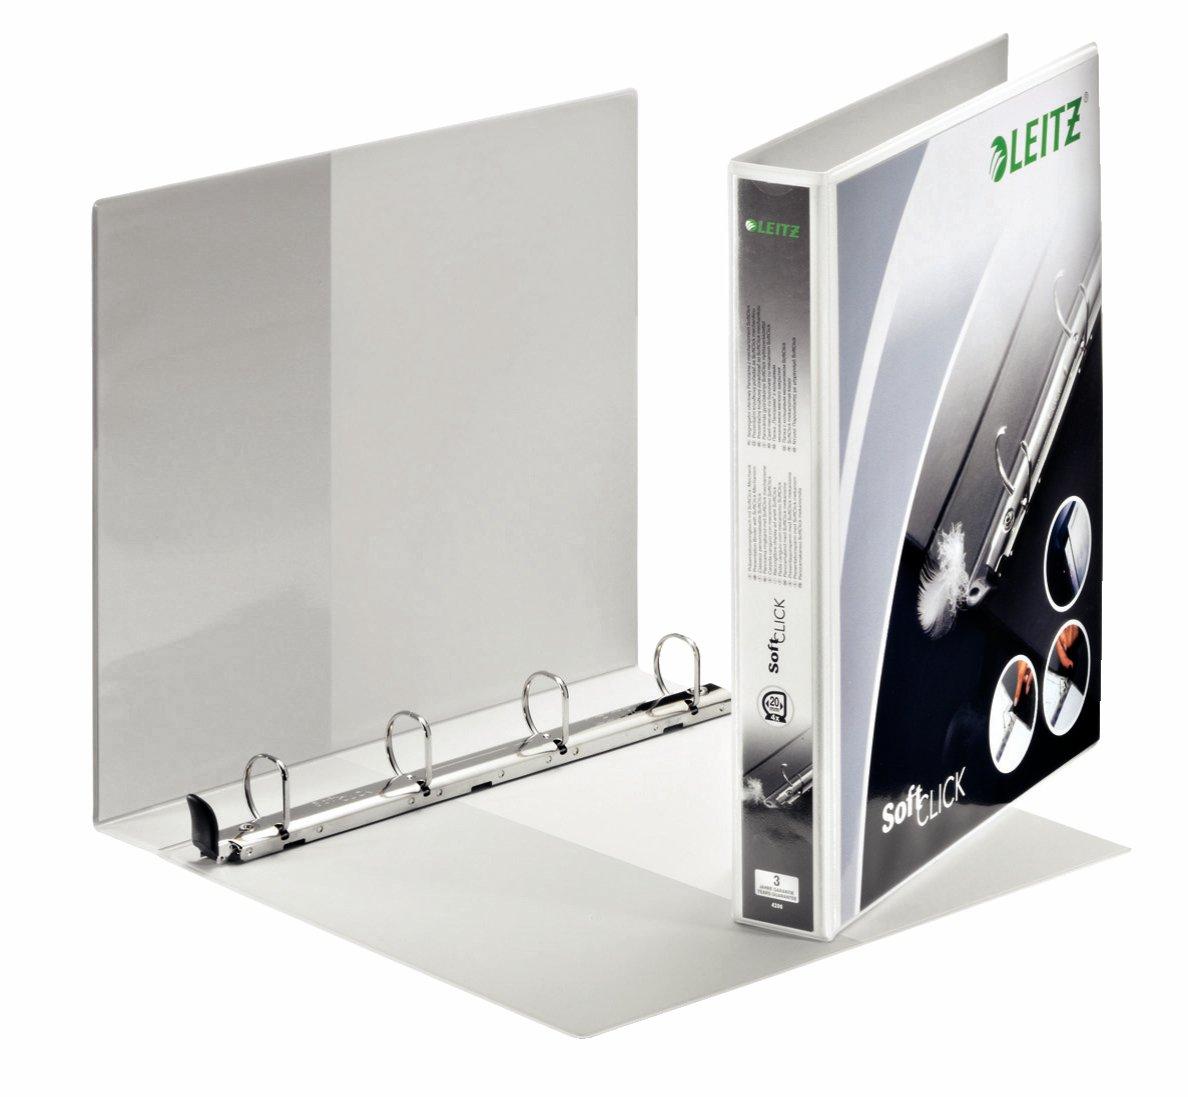 Leitz Raccoglitore personalizzabile a 4 anelli SoftClick, Per presentazioni, Formato A4 Maxi, Dorso 7.7 cm, Polipropilene, Bianco, Premium, 42030001